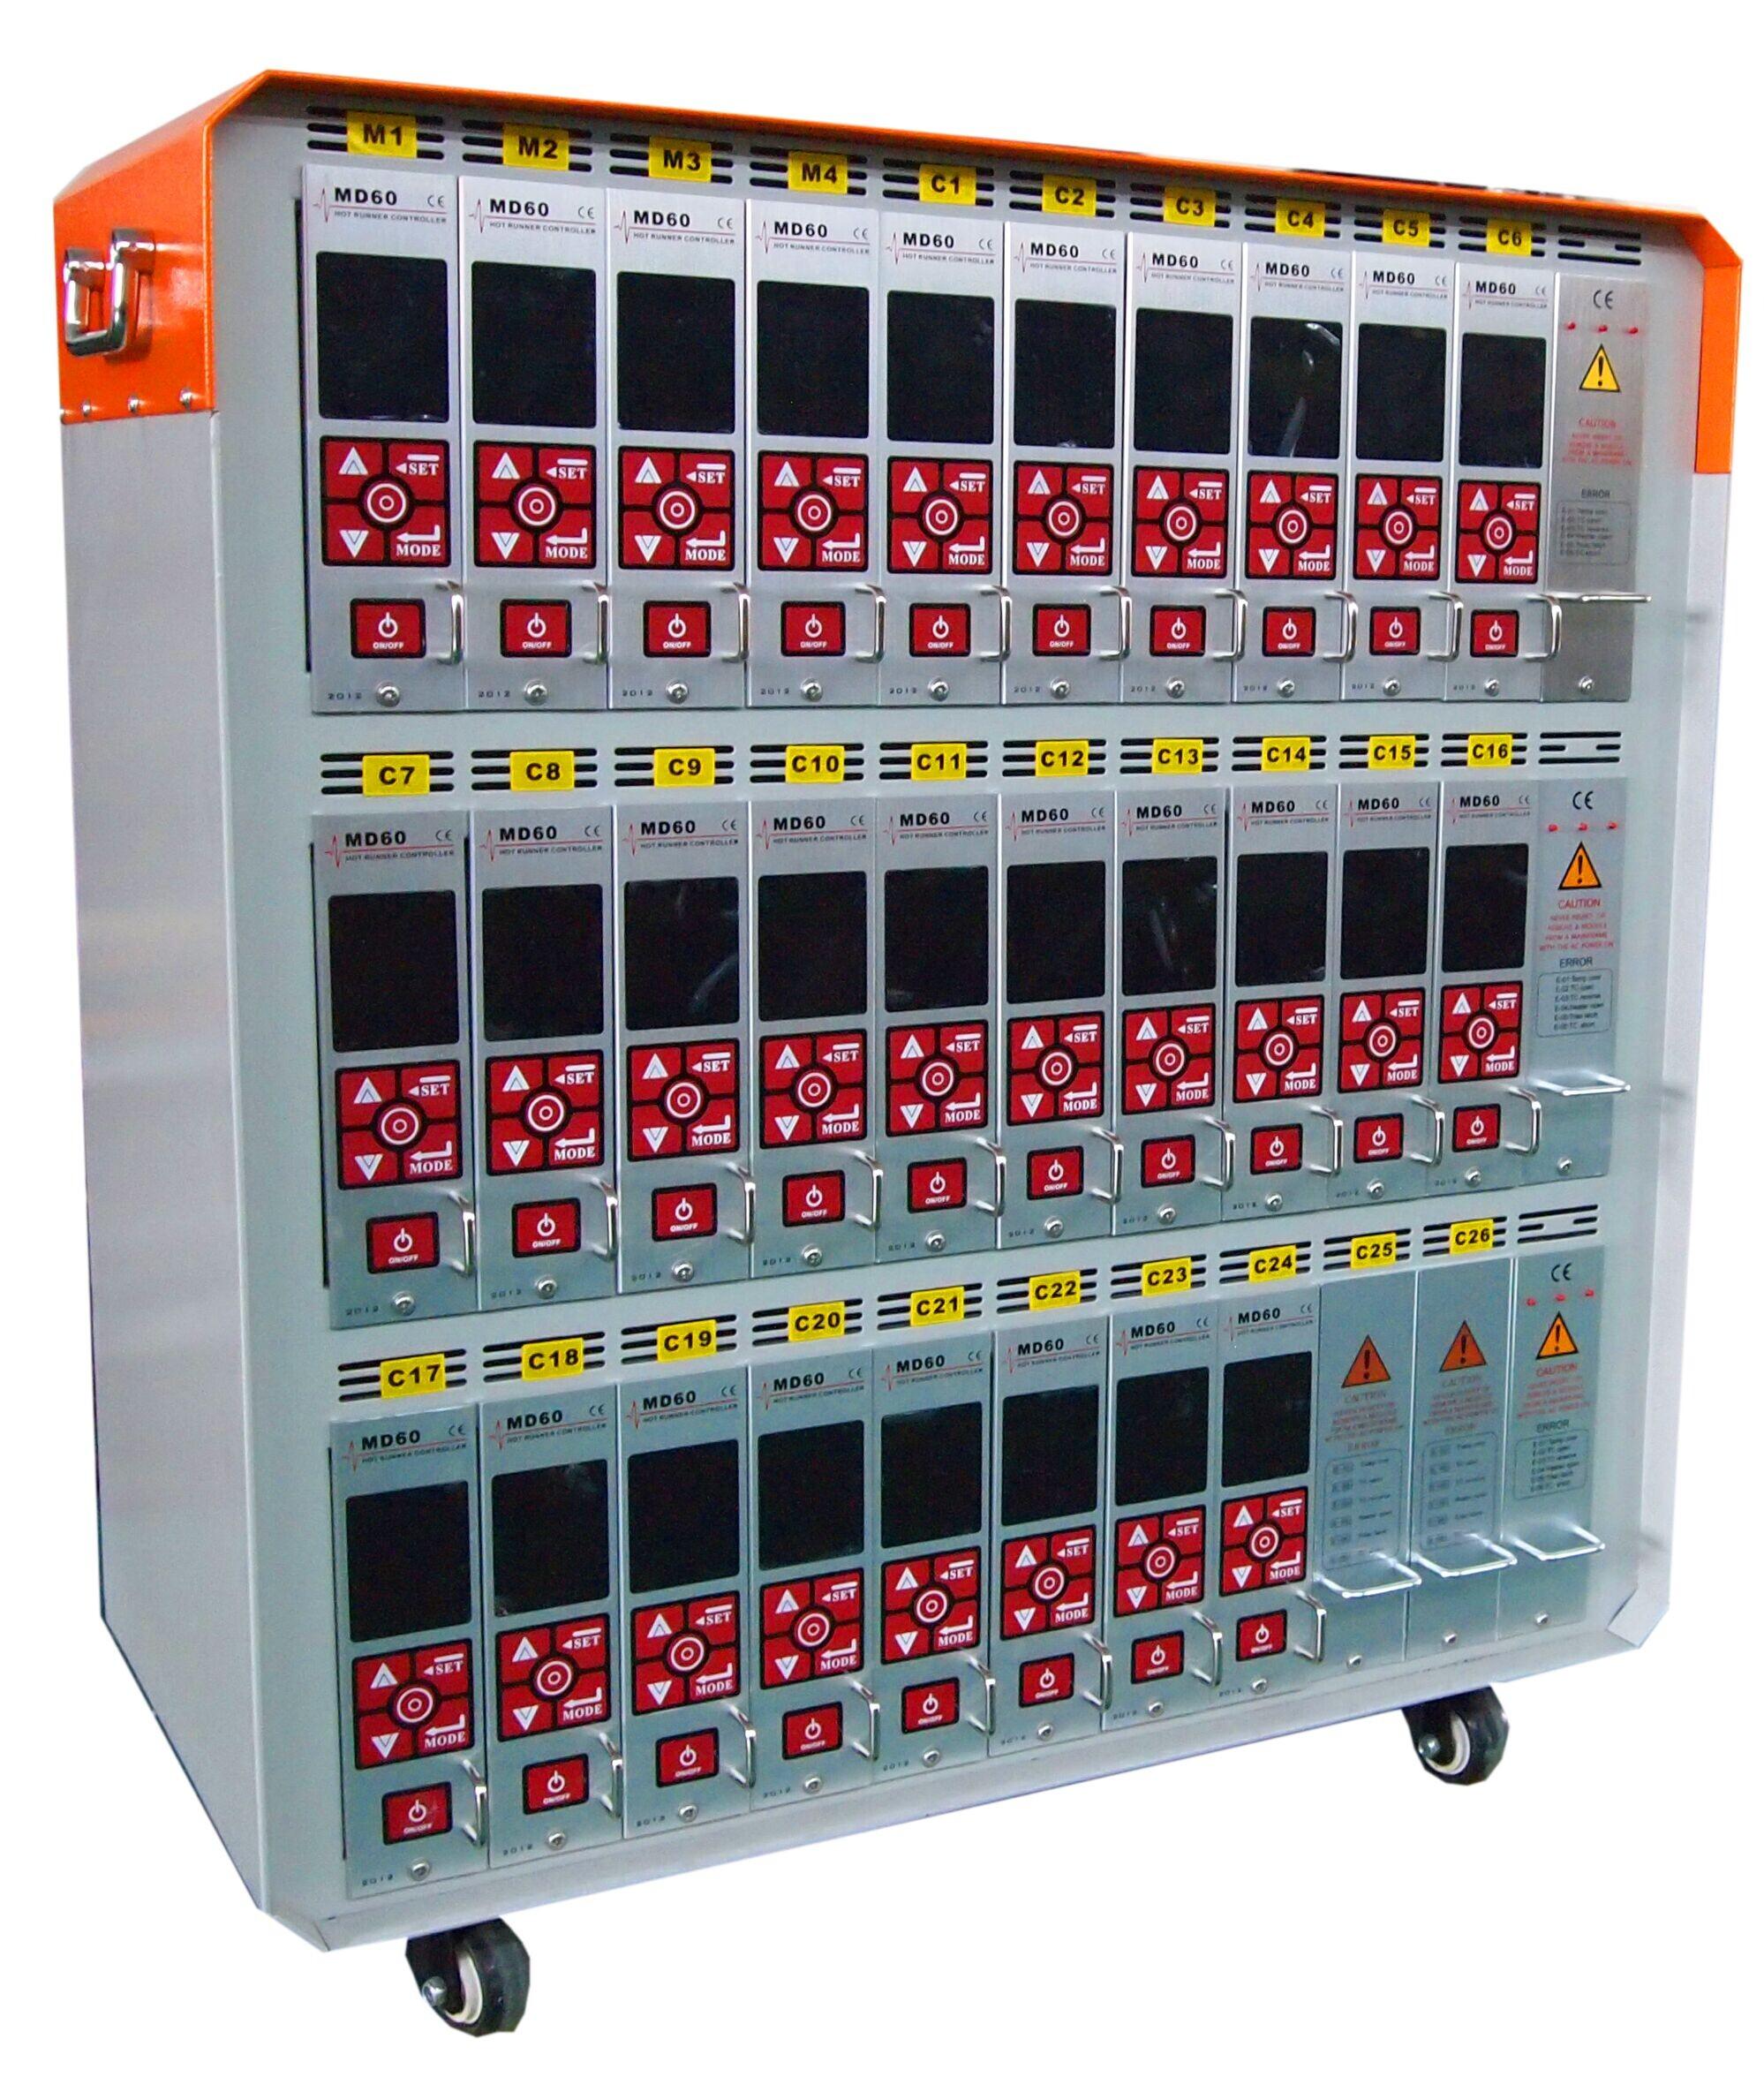 Bộ điều khiển nhiệt khuôn - Hot runner controller